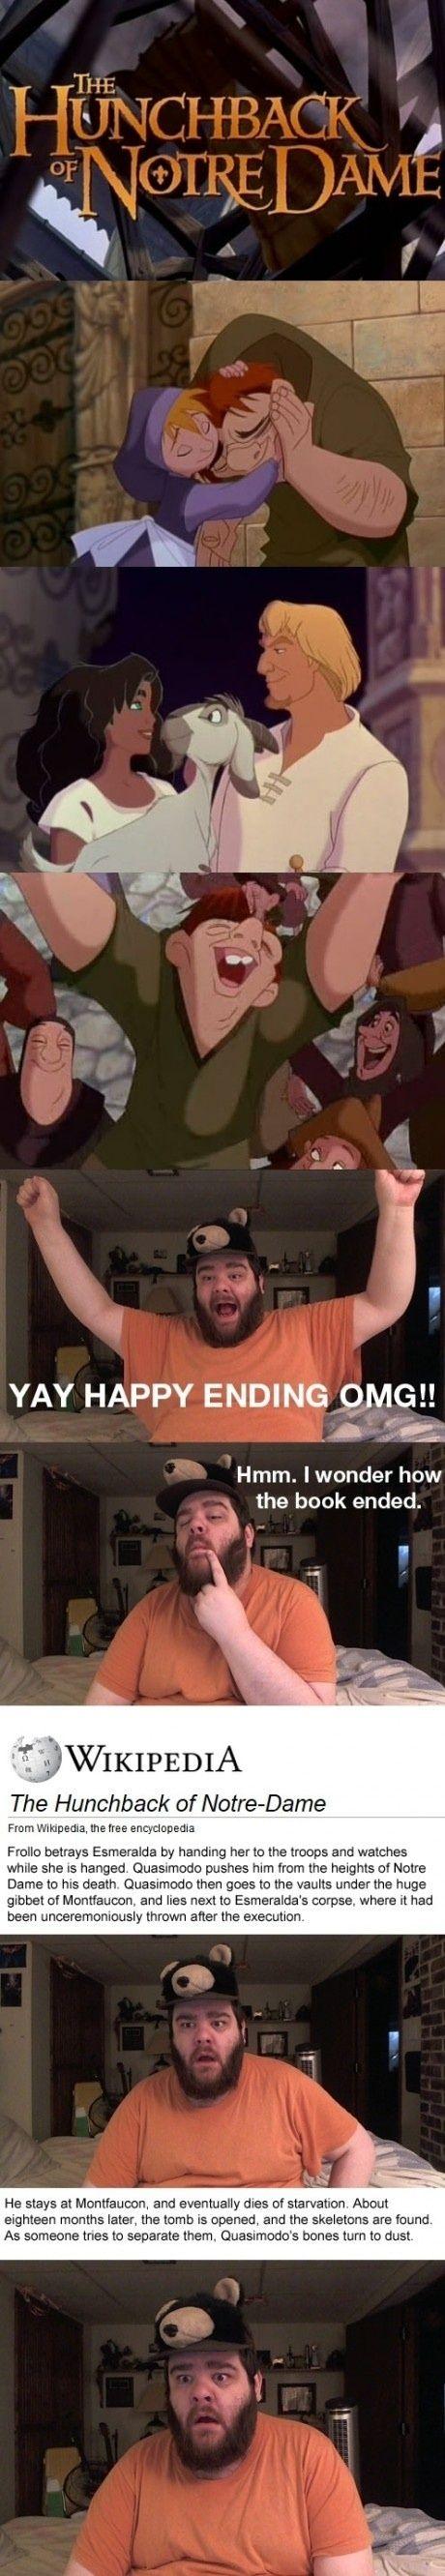 Disneyfied!